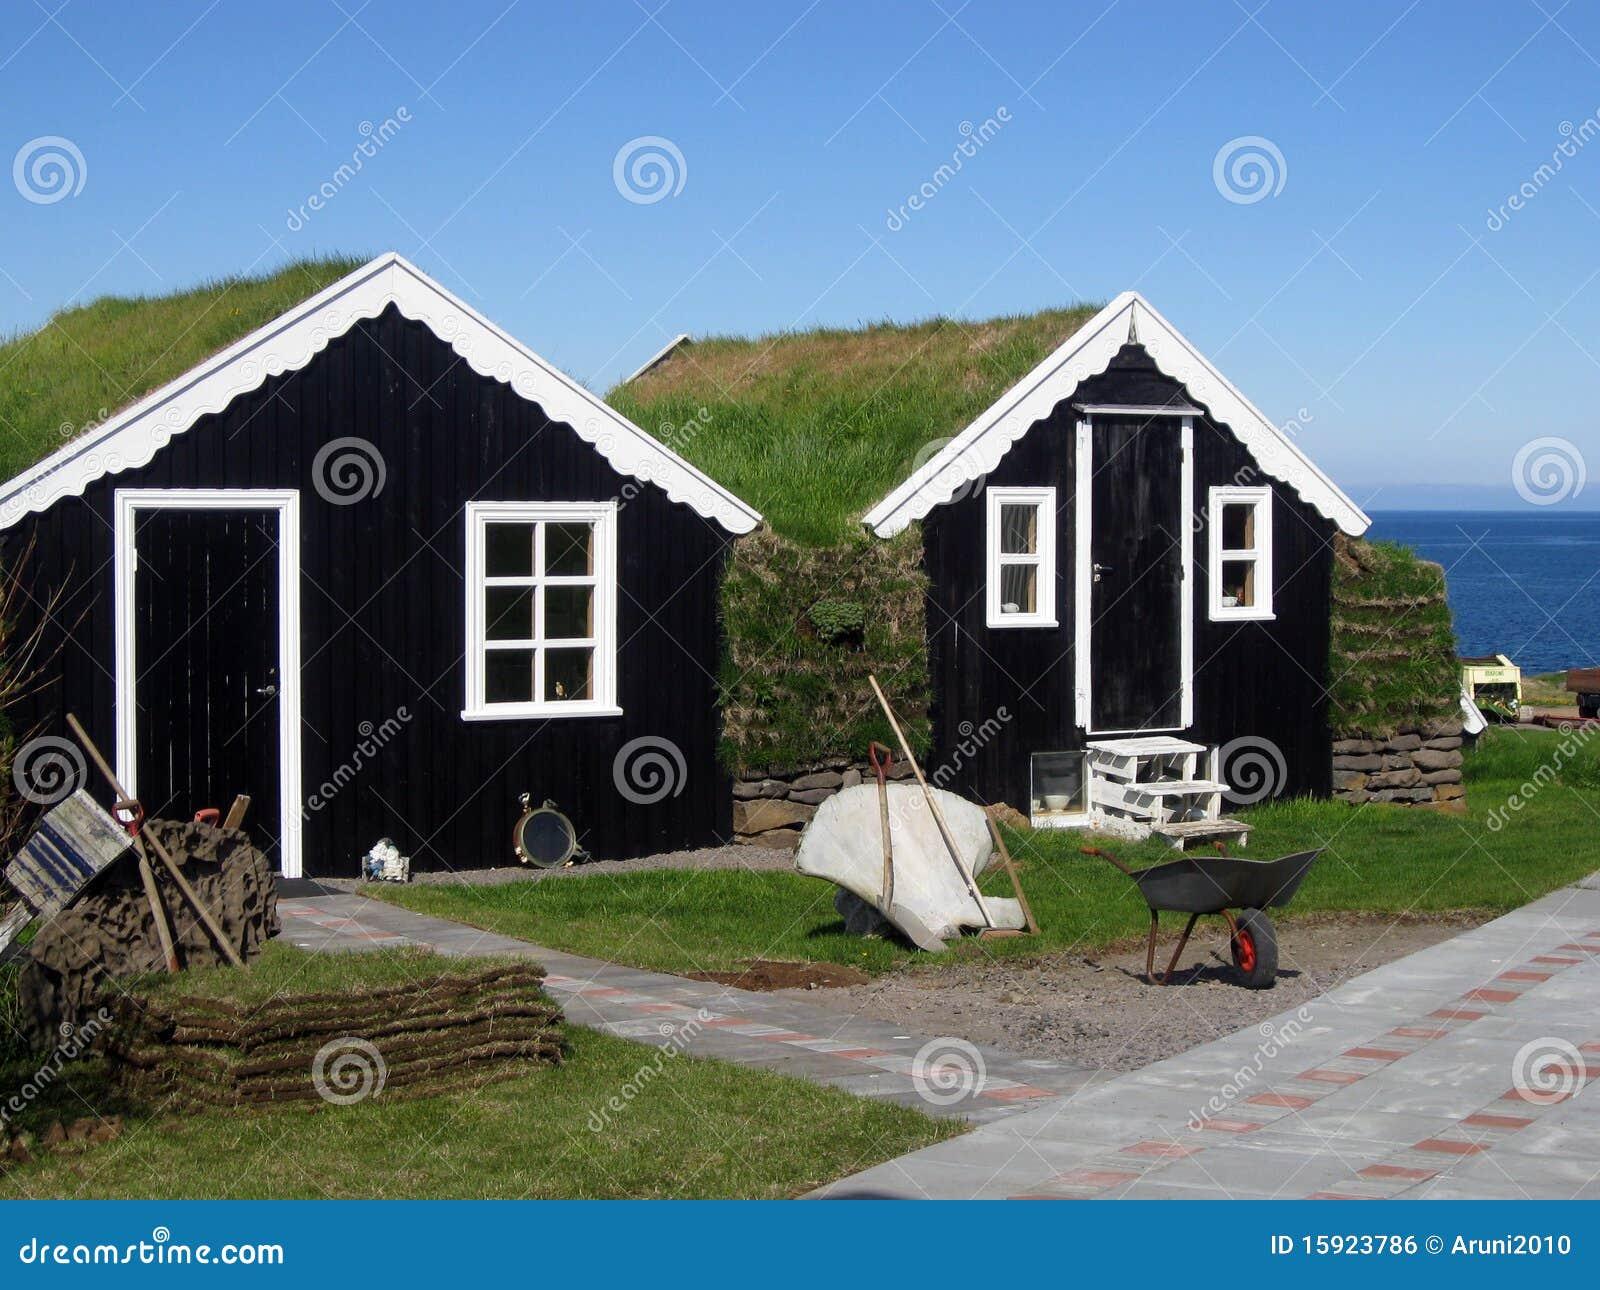 Casas tradicionales de la hierba azotea en islandia foto de archivo imagen de azotea - Casas en islandia ...